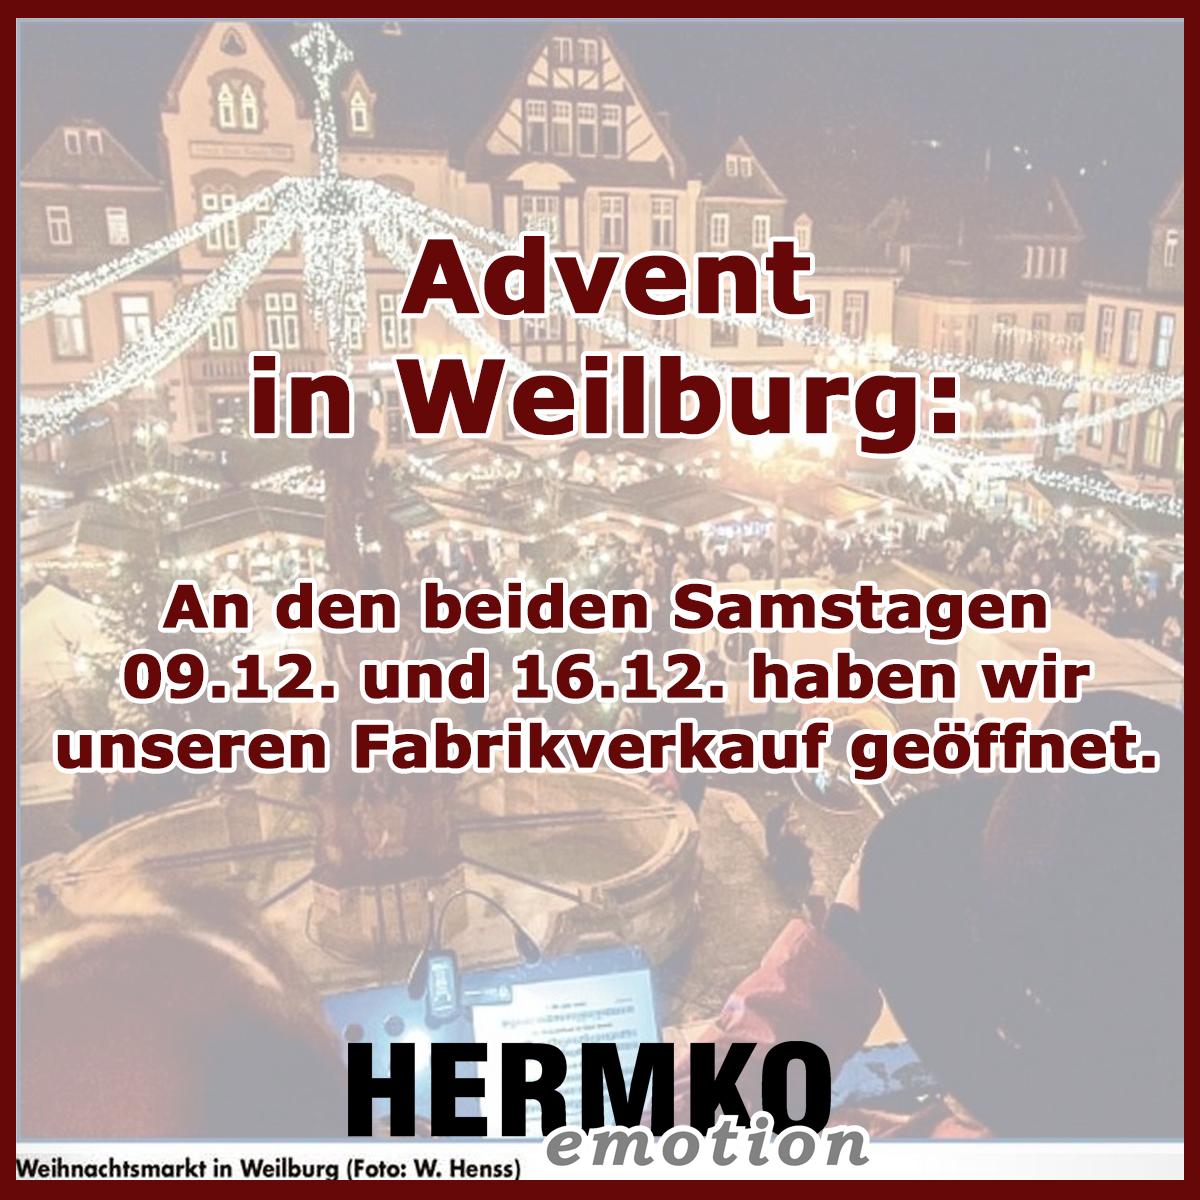 Fabrikverkauf in Weilburg geöffnet an den Adventssamstagen 09.12. und 16.12.2017